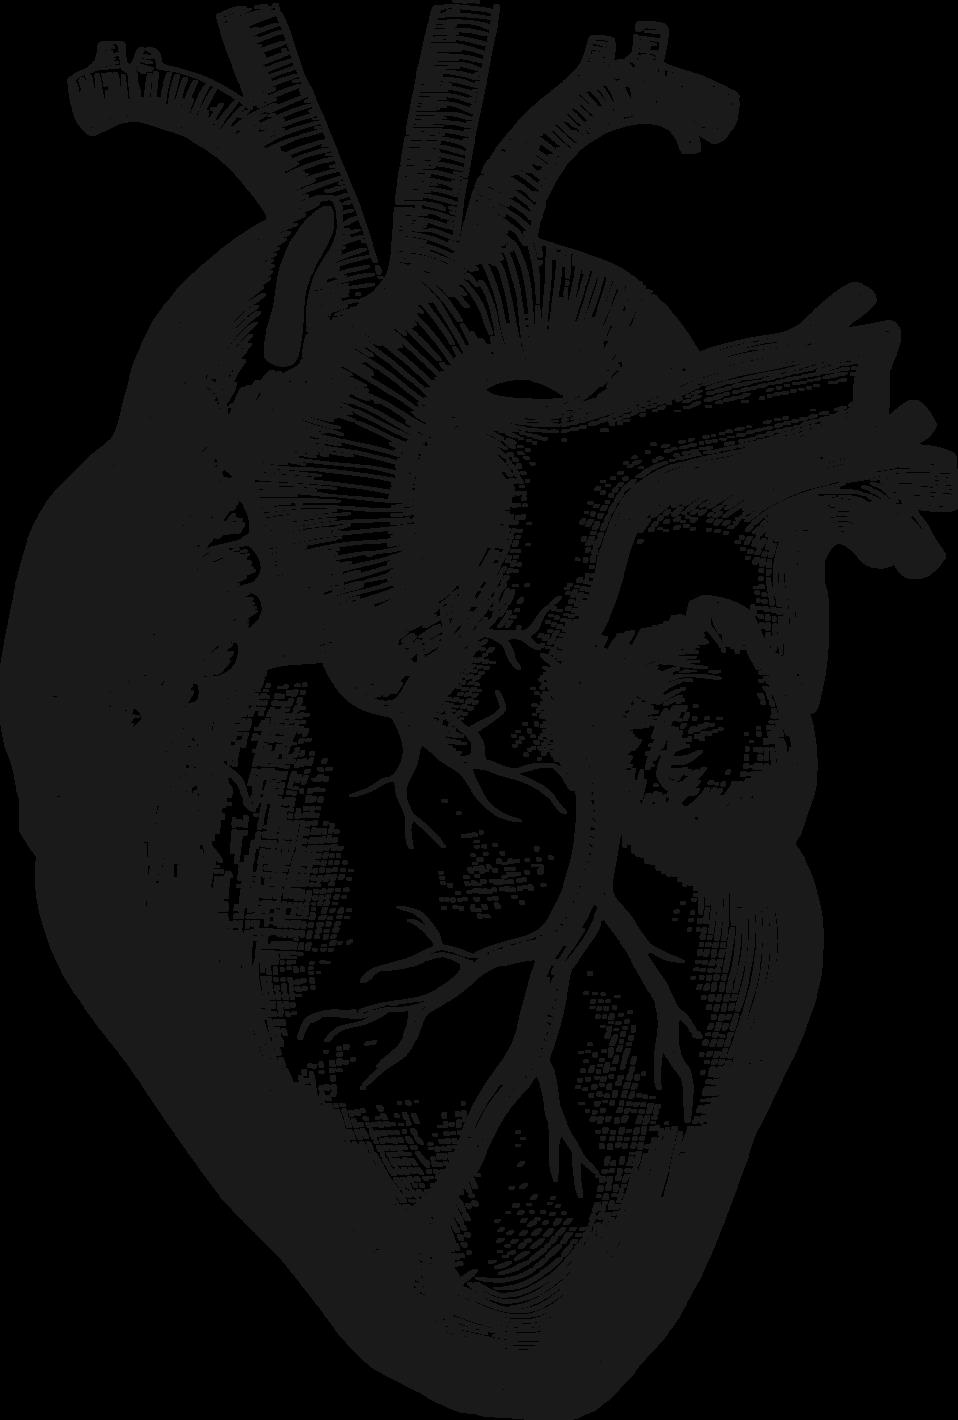 Heart clipart science. Public domain clip art